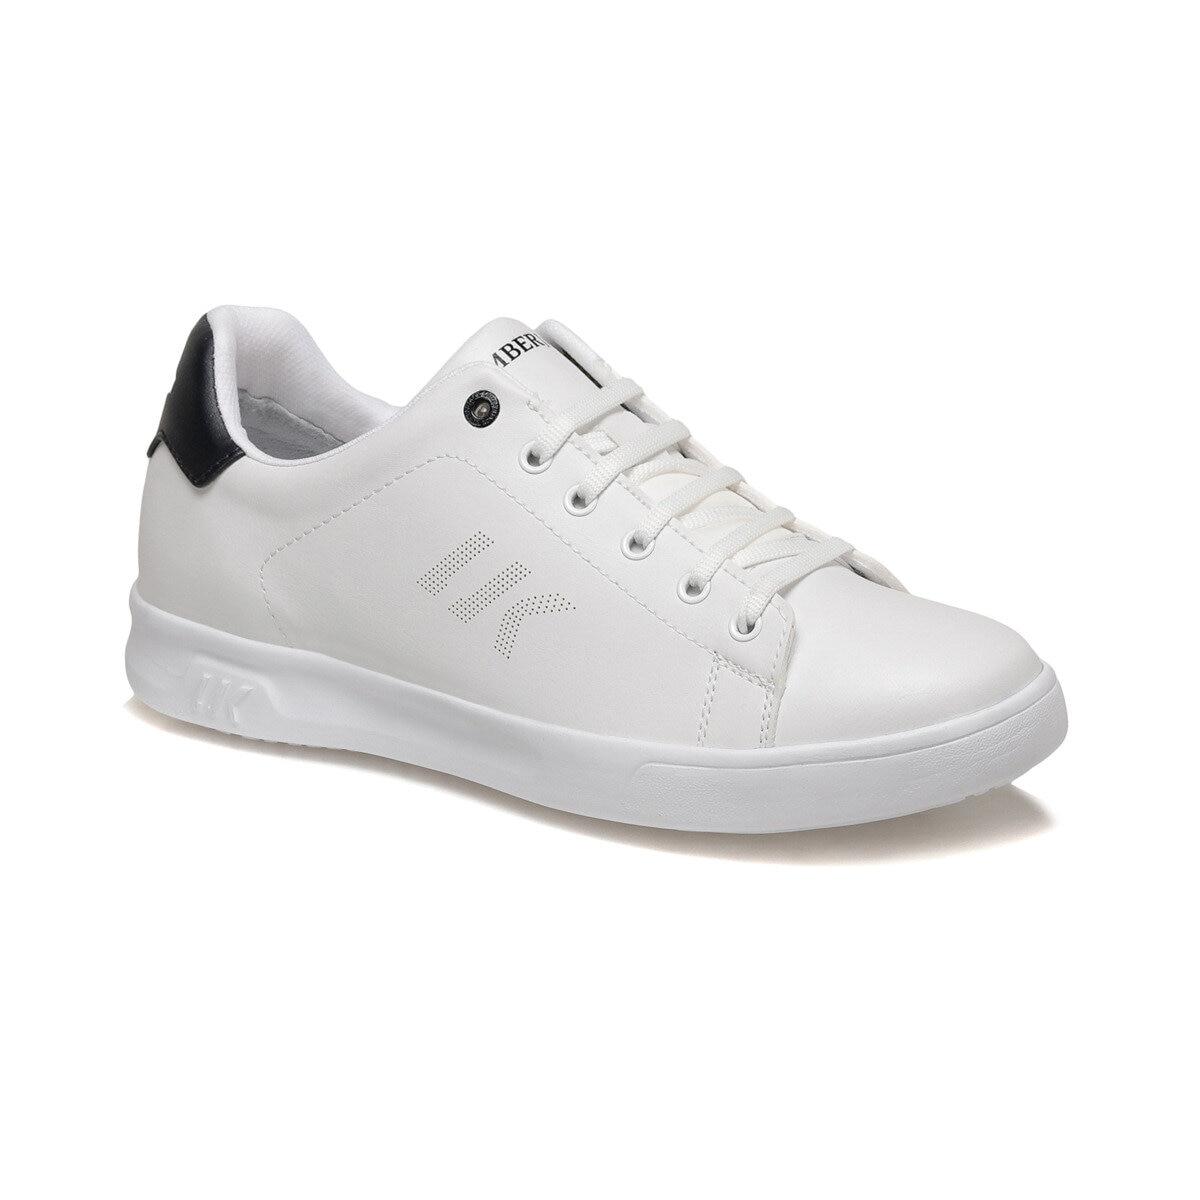 FLO IVOBI White Men 'S Sneaker Shoes LUMBERJACK